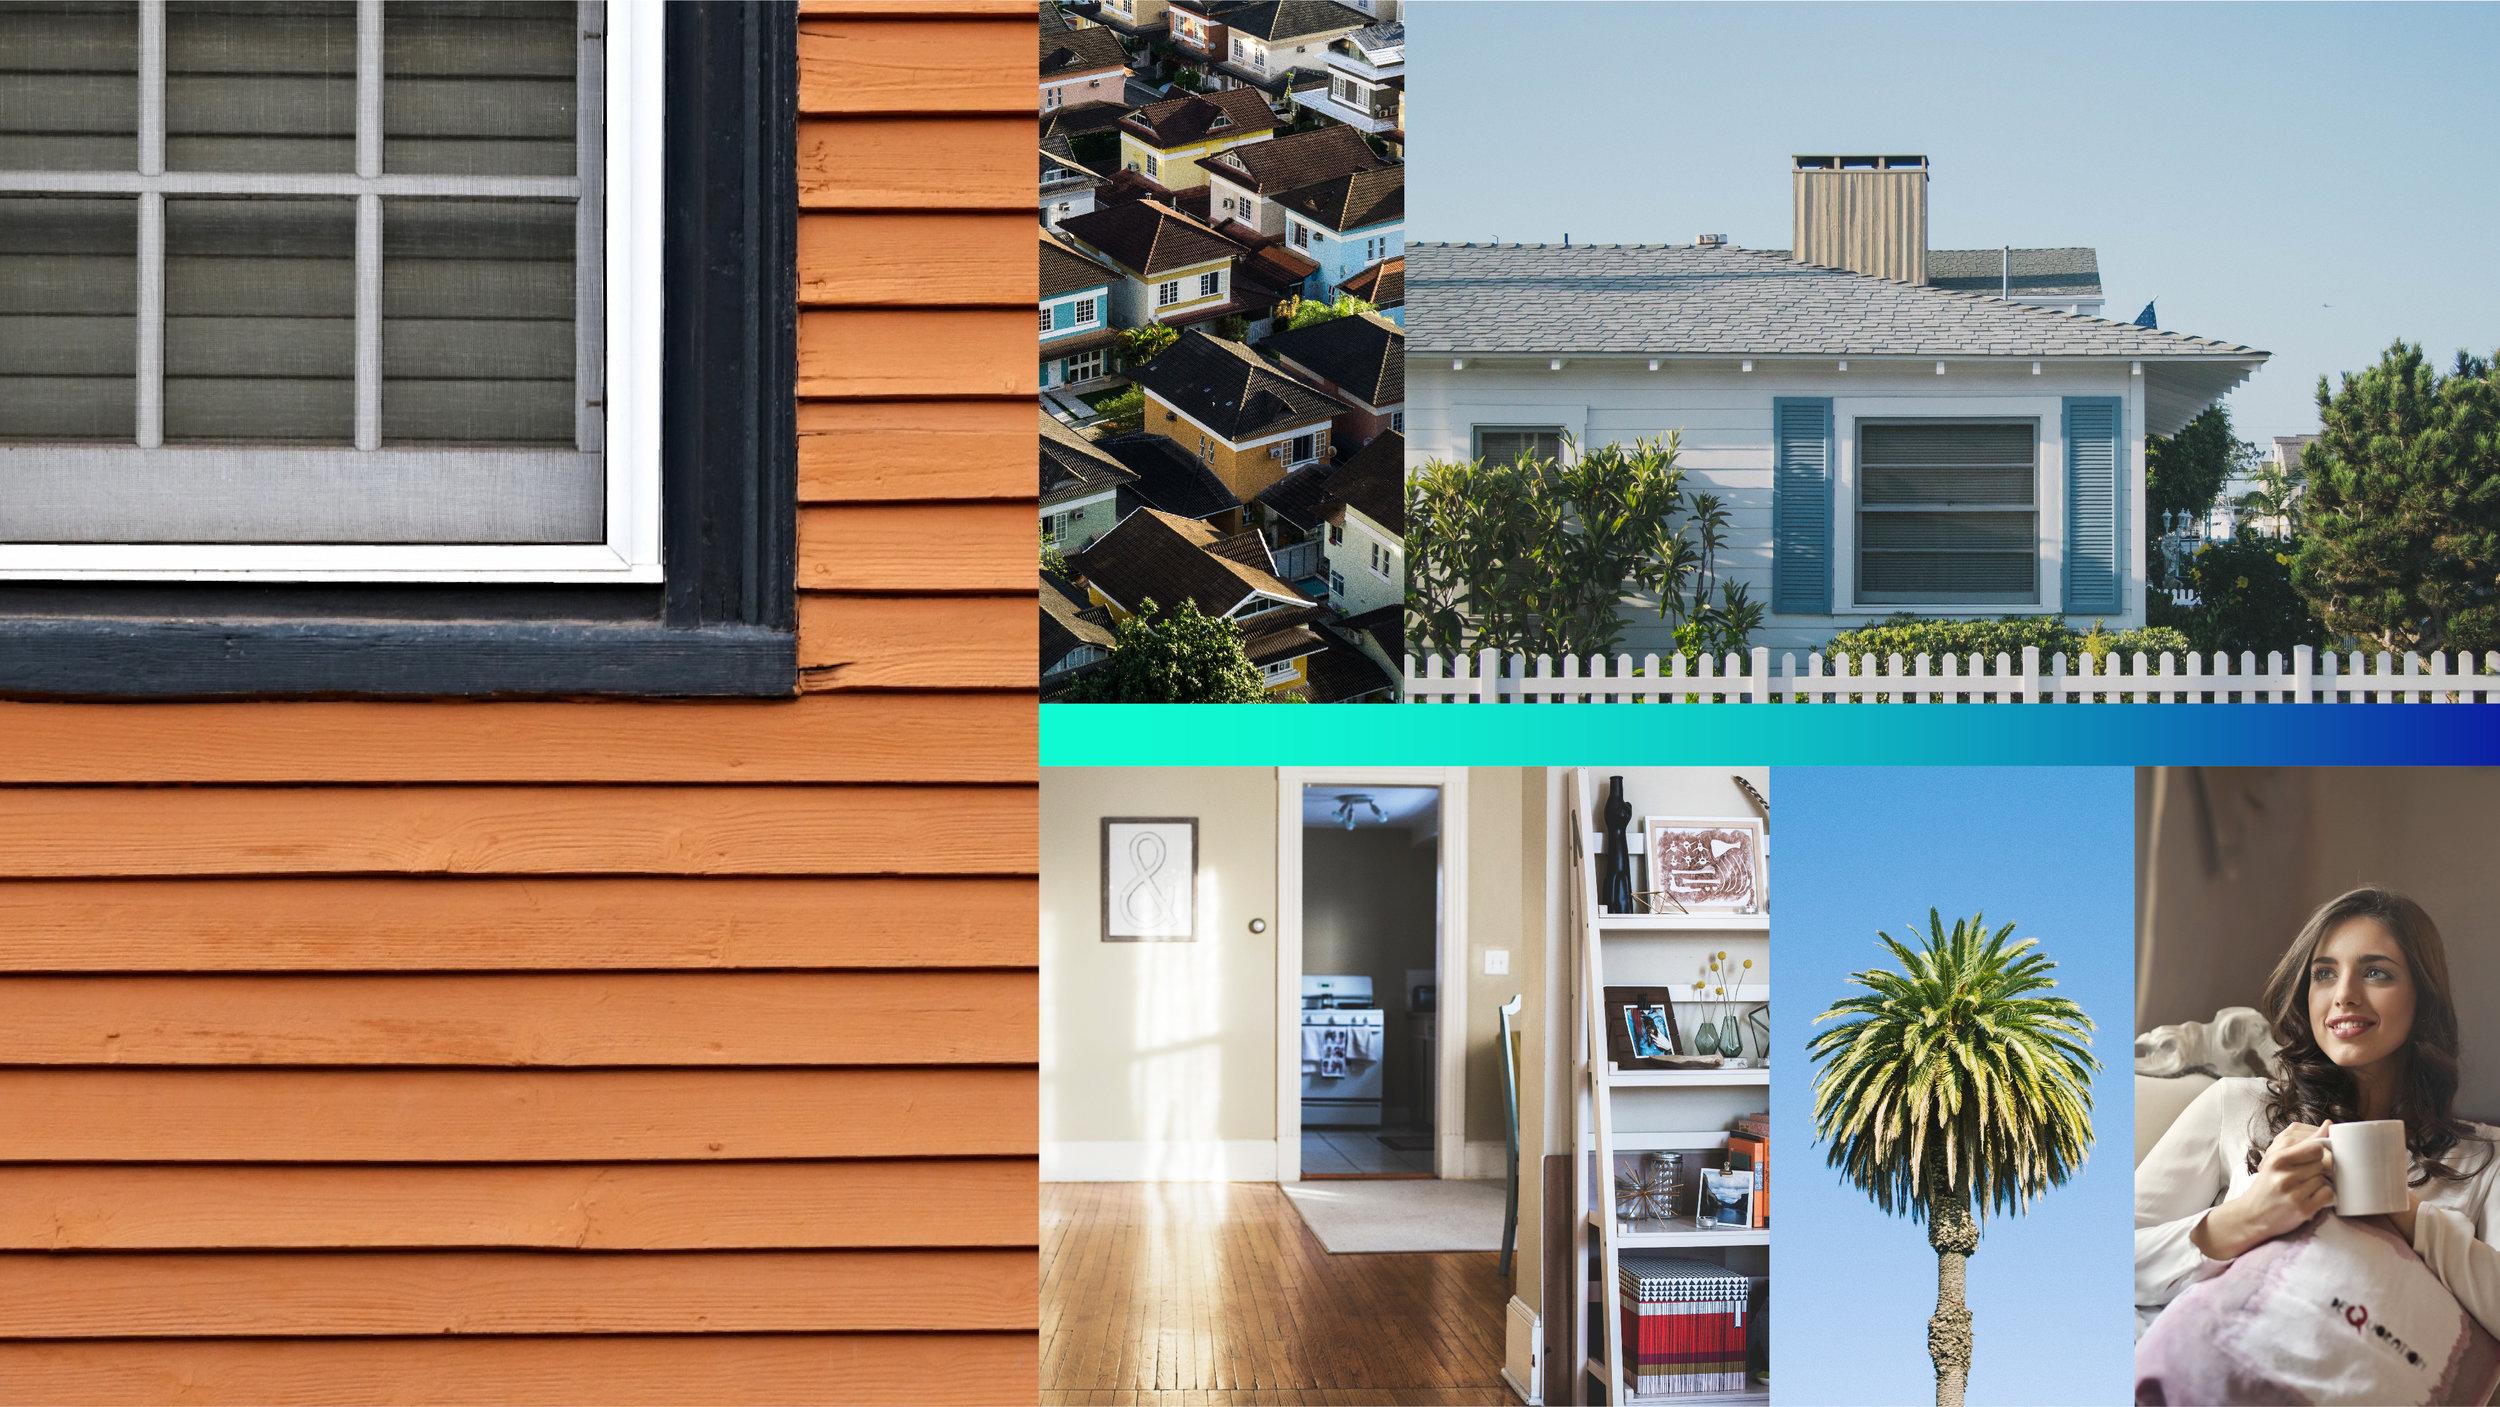 Acosta_Home_Loans_v2_Imagery.jpg